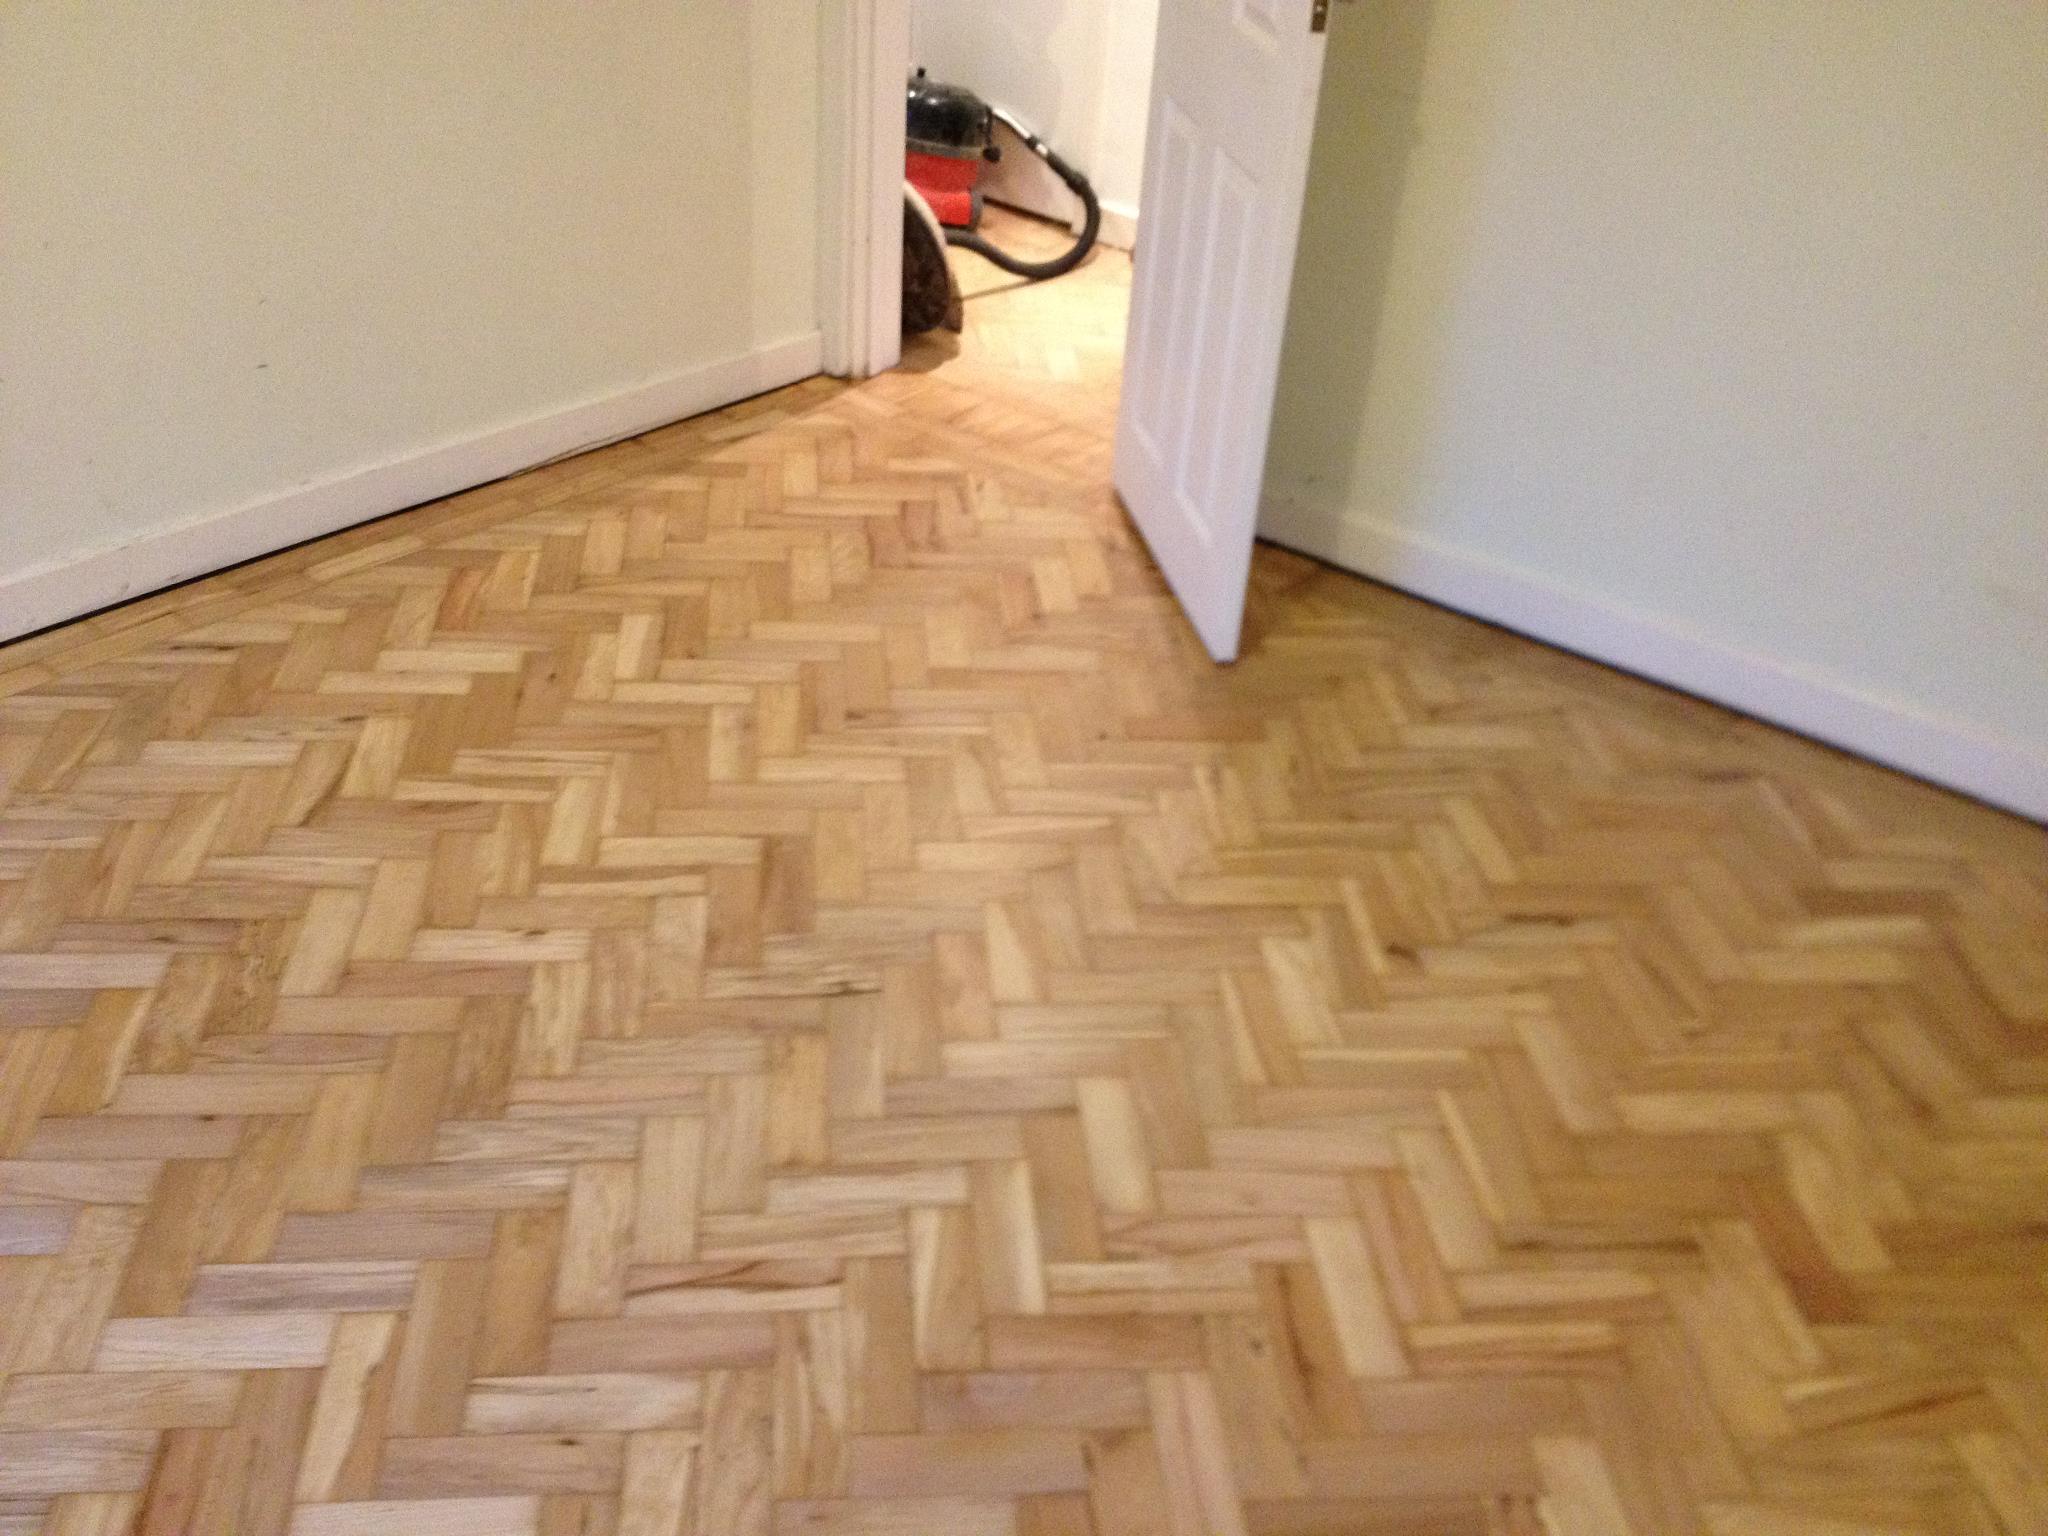 floor-repair-6